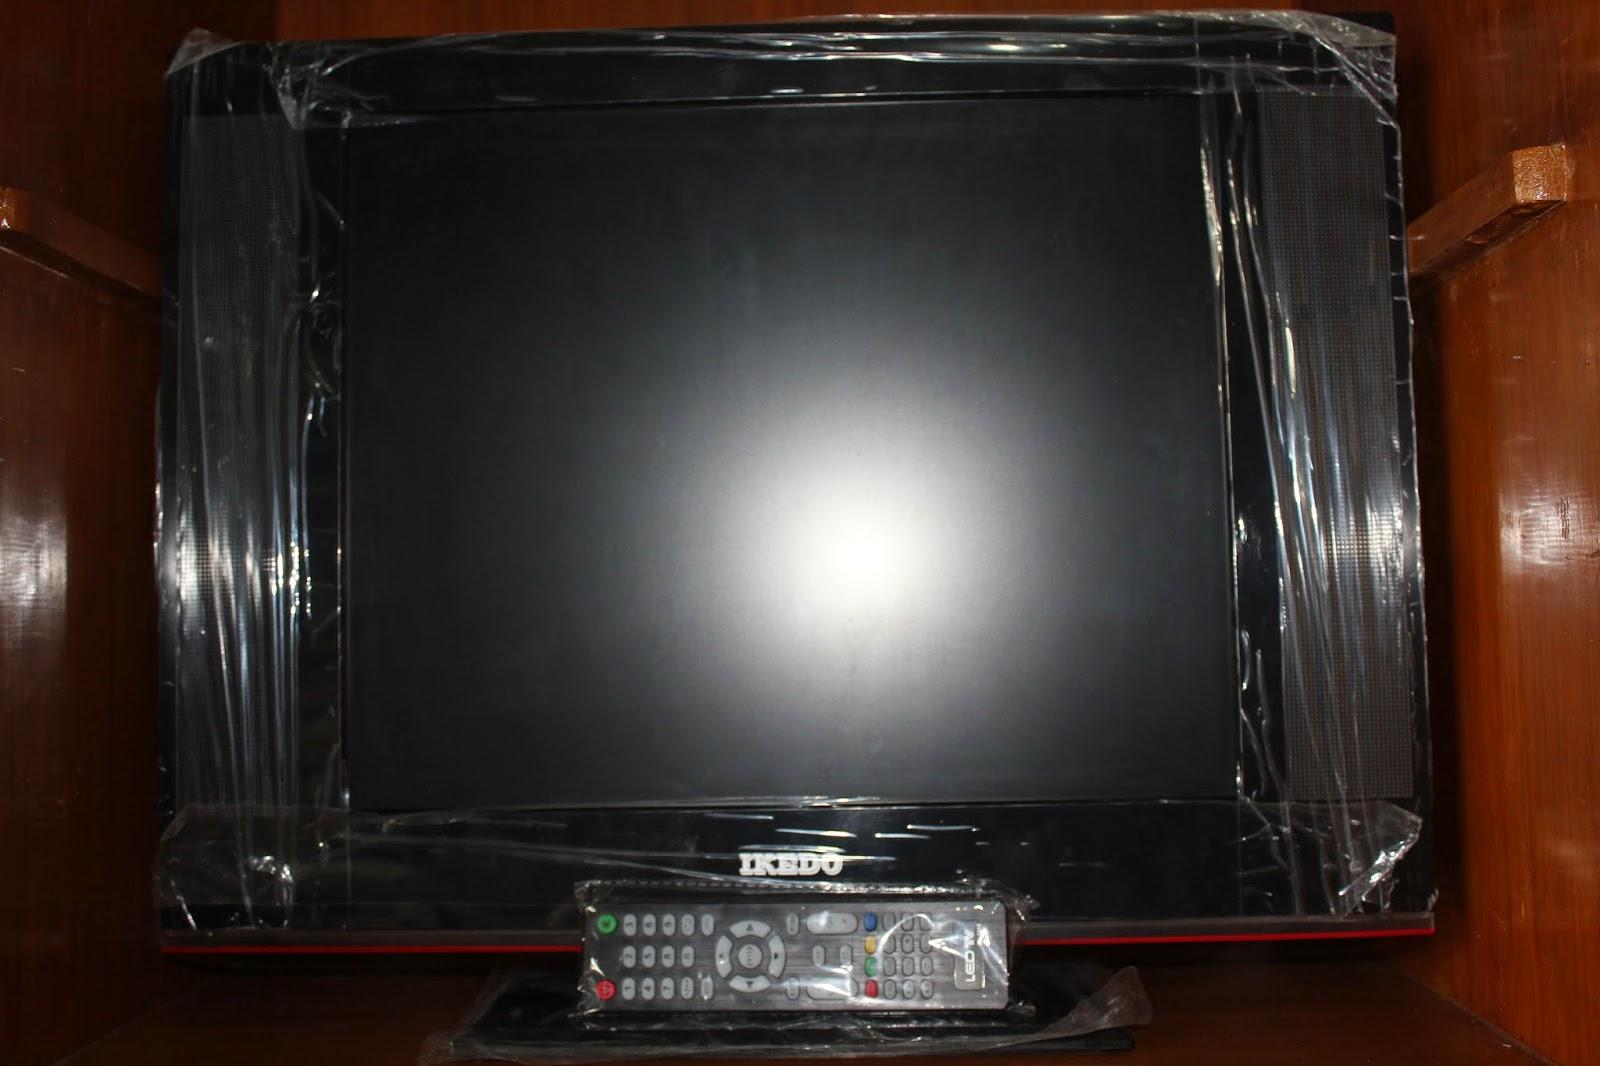 Ikedo Led Tv 20 Inch Daftar Harga Terkini Terlengkap Lt 24p1u1 24 Lcdtv 20in Rp 96000000 Lcd Monitor